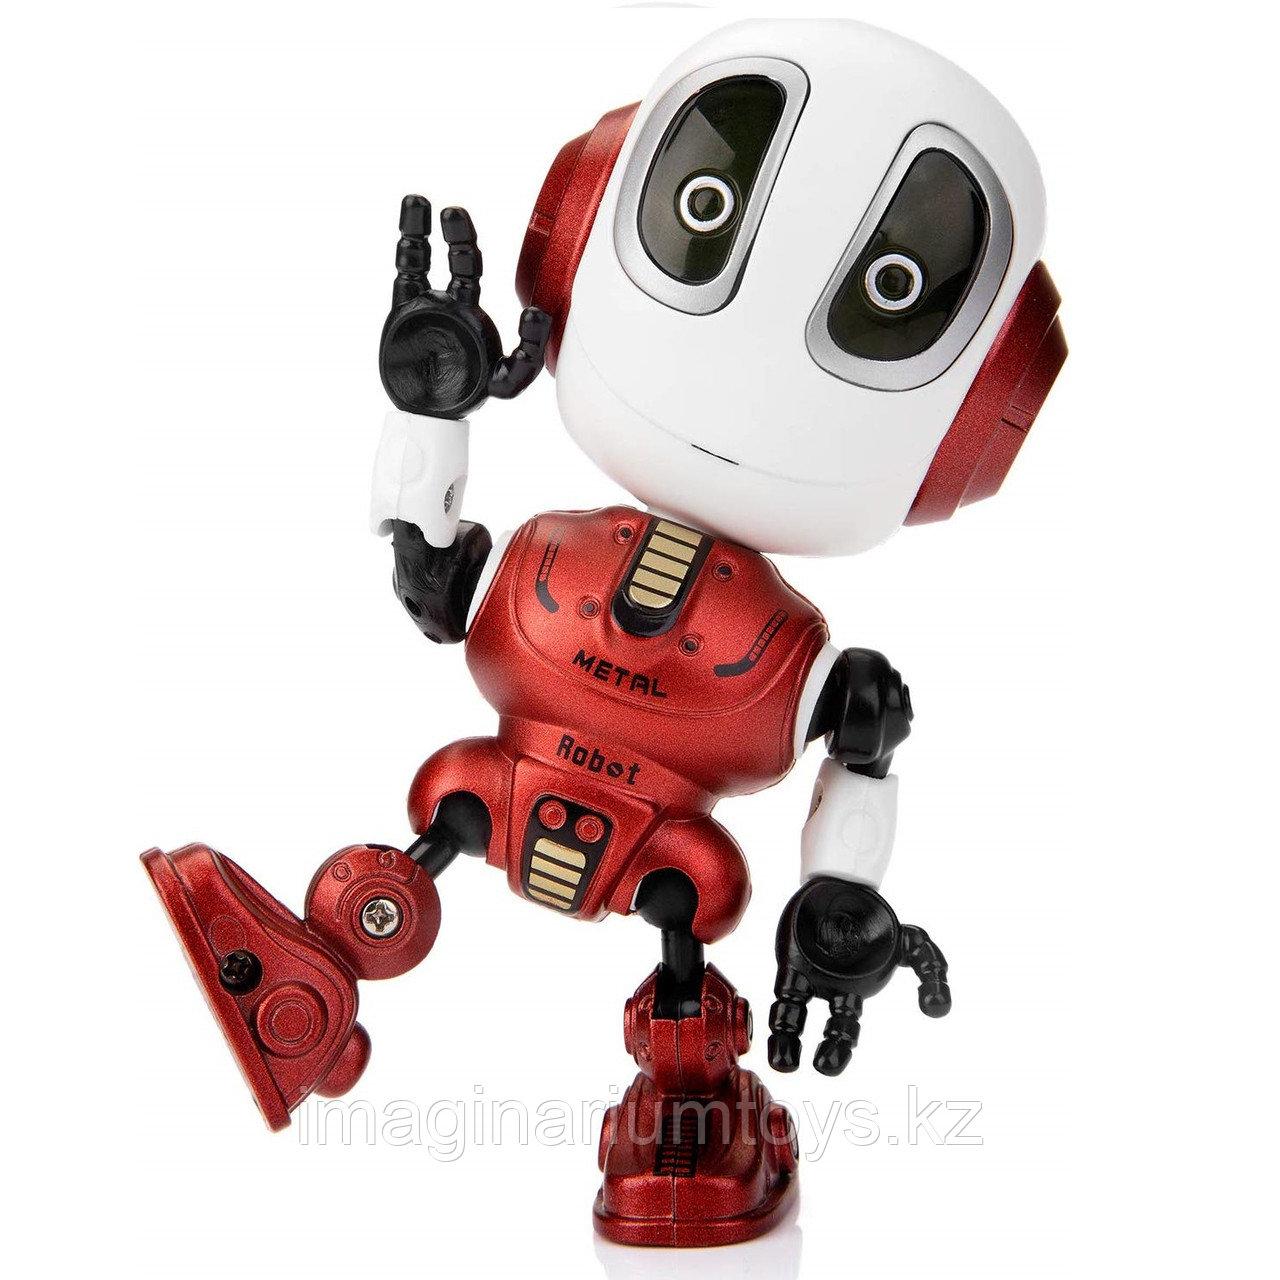 Игрушка робот интерактивный в красном цвете